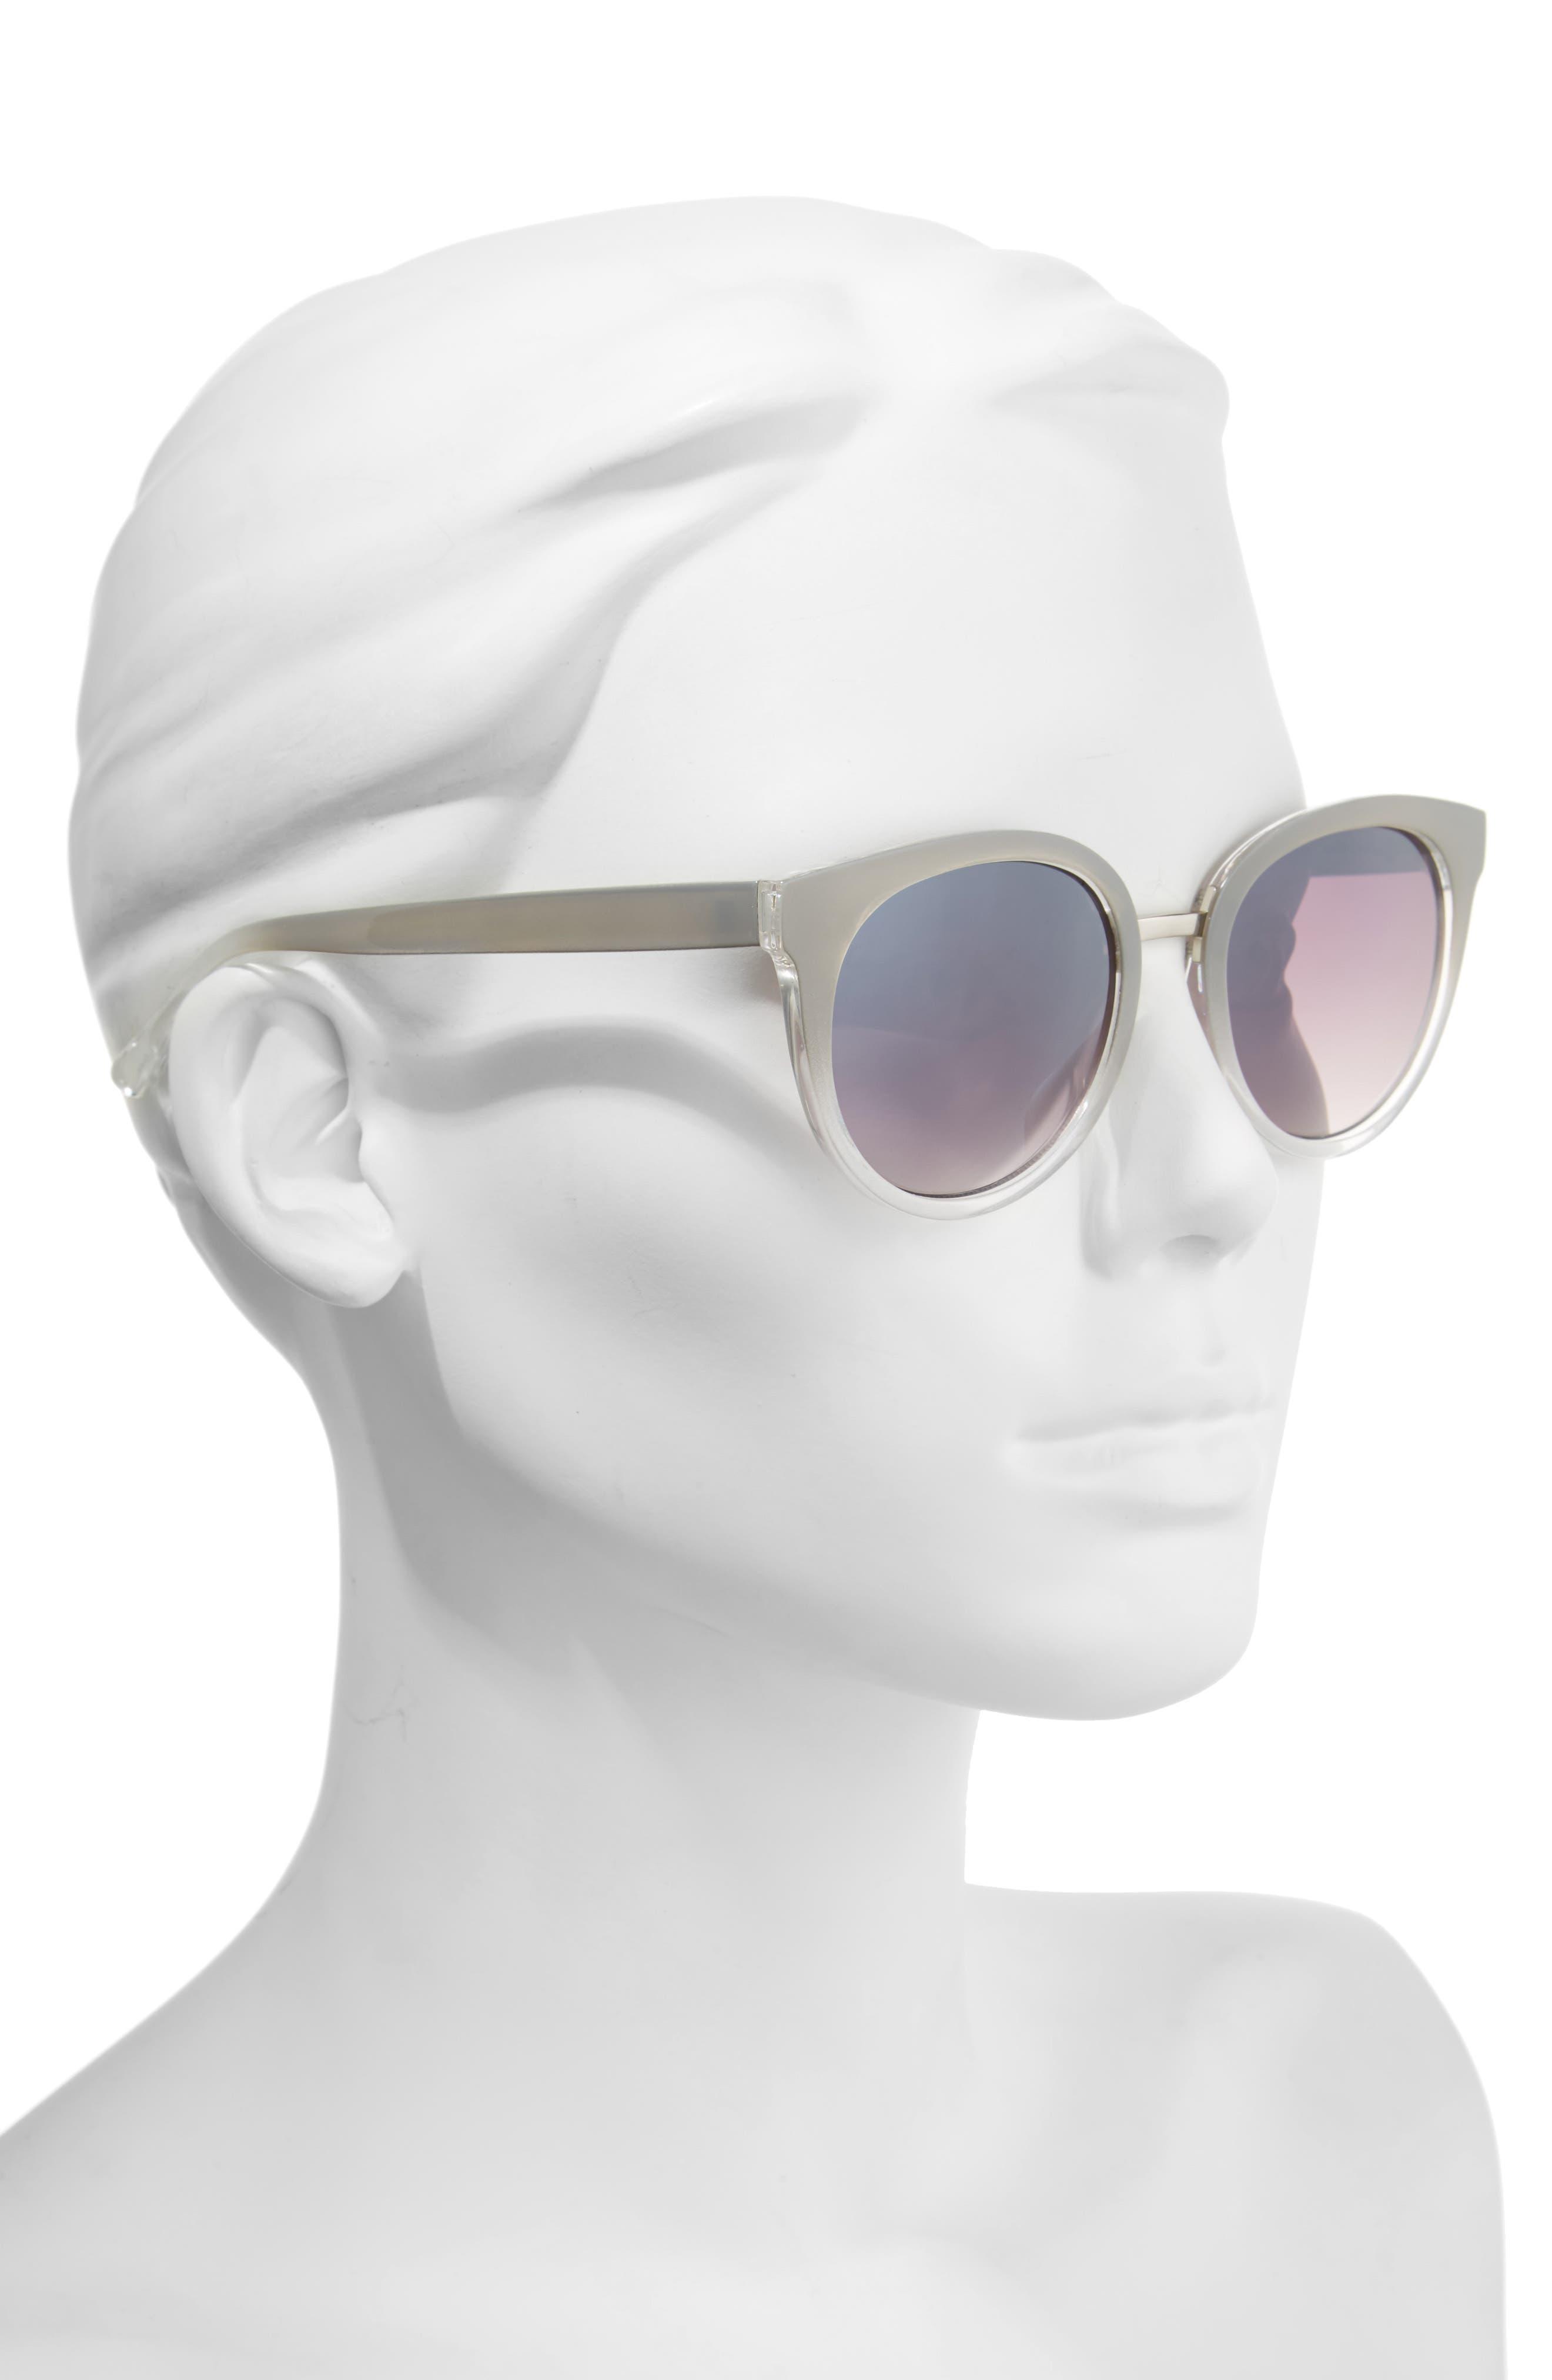 51mm Ombré Sunglasses,                             Alternate thumbnail 2, color,                             020